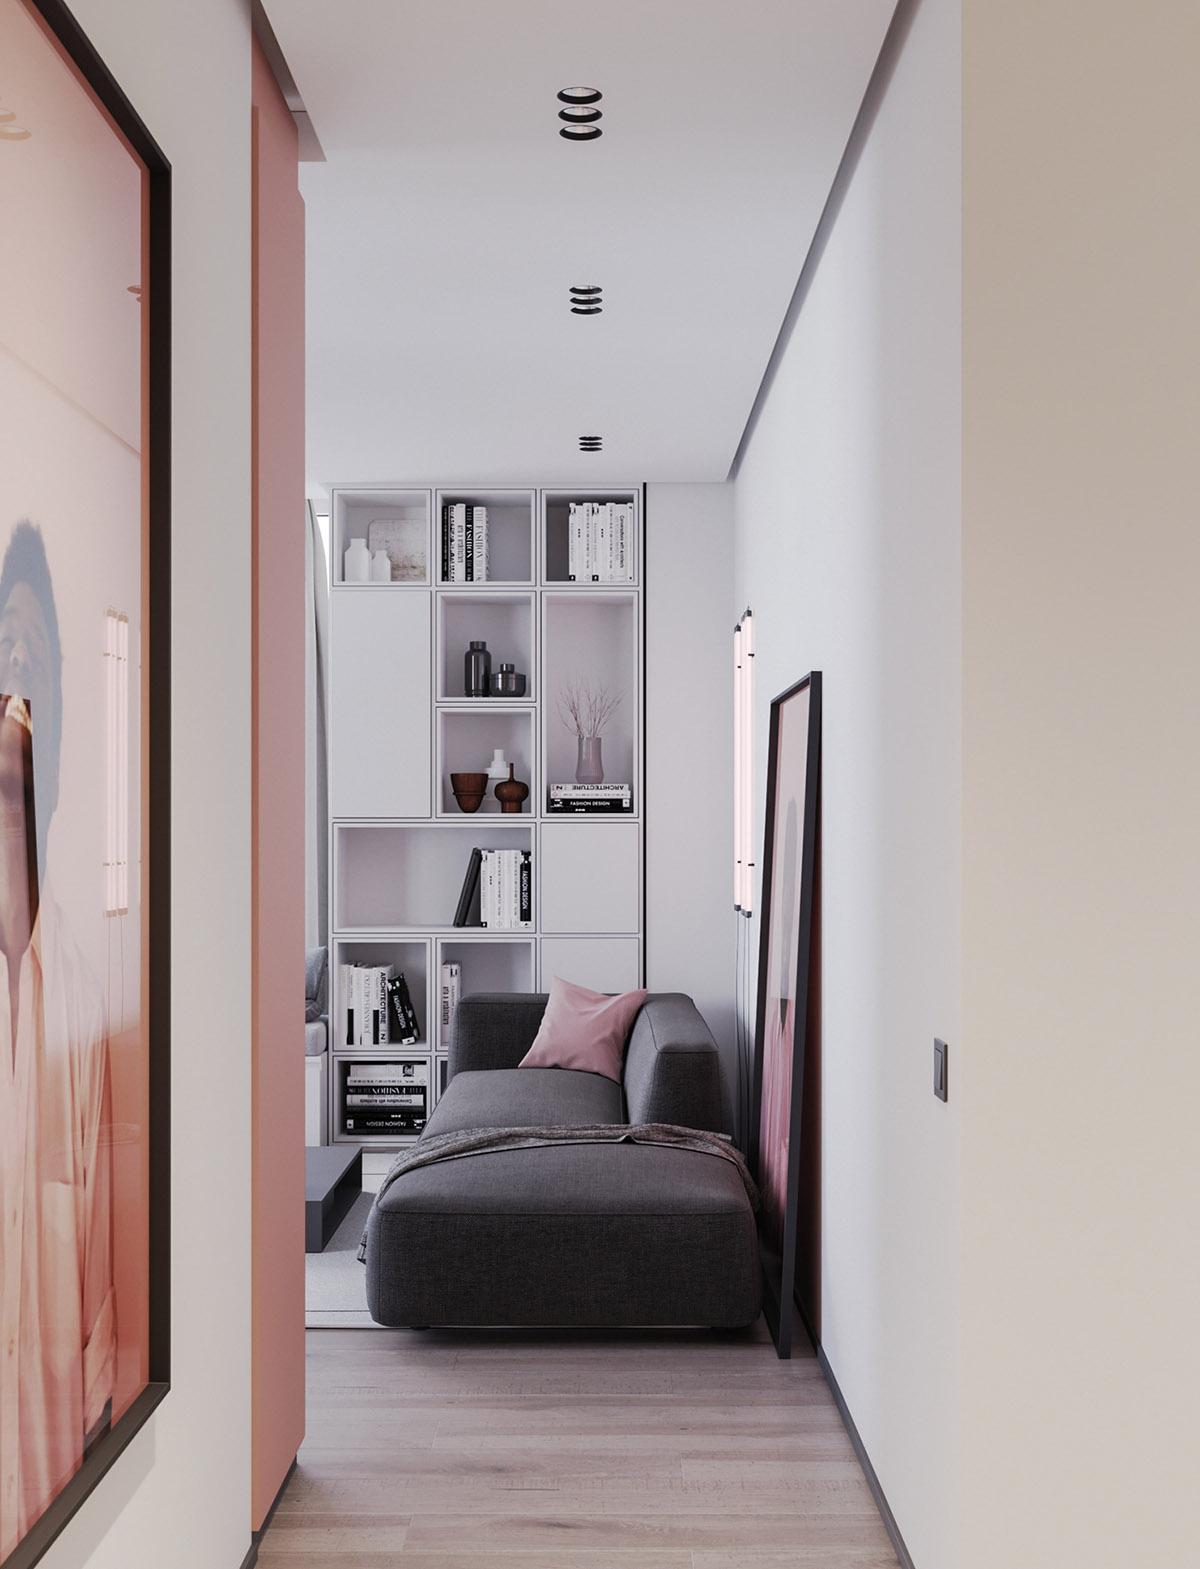 Một số thiết kế nội thất sử dụng màu hồng và xám - Pink grey decor